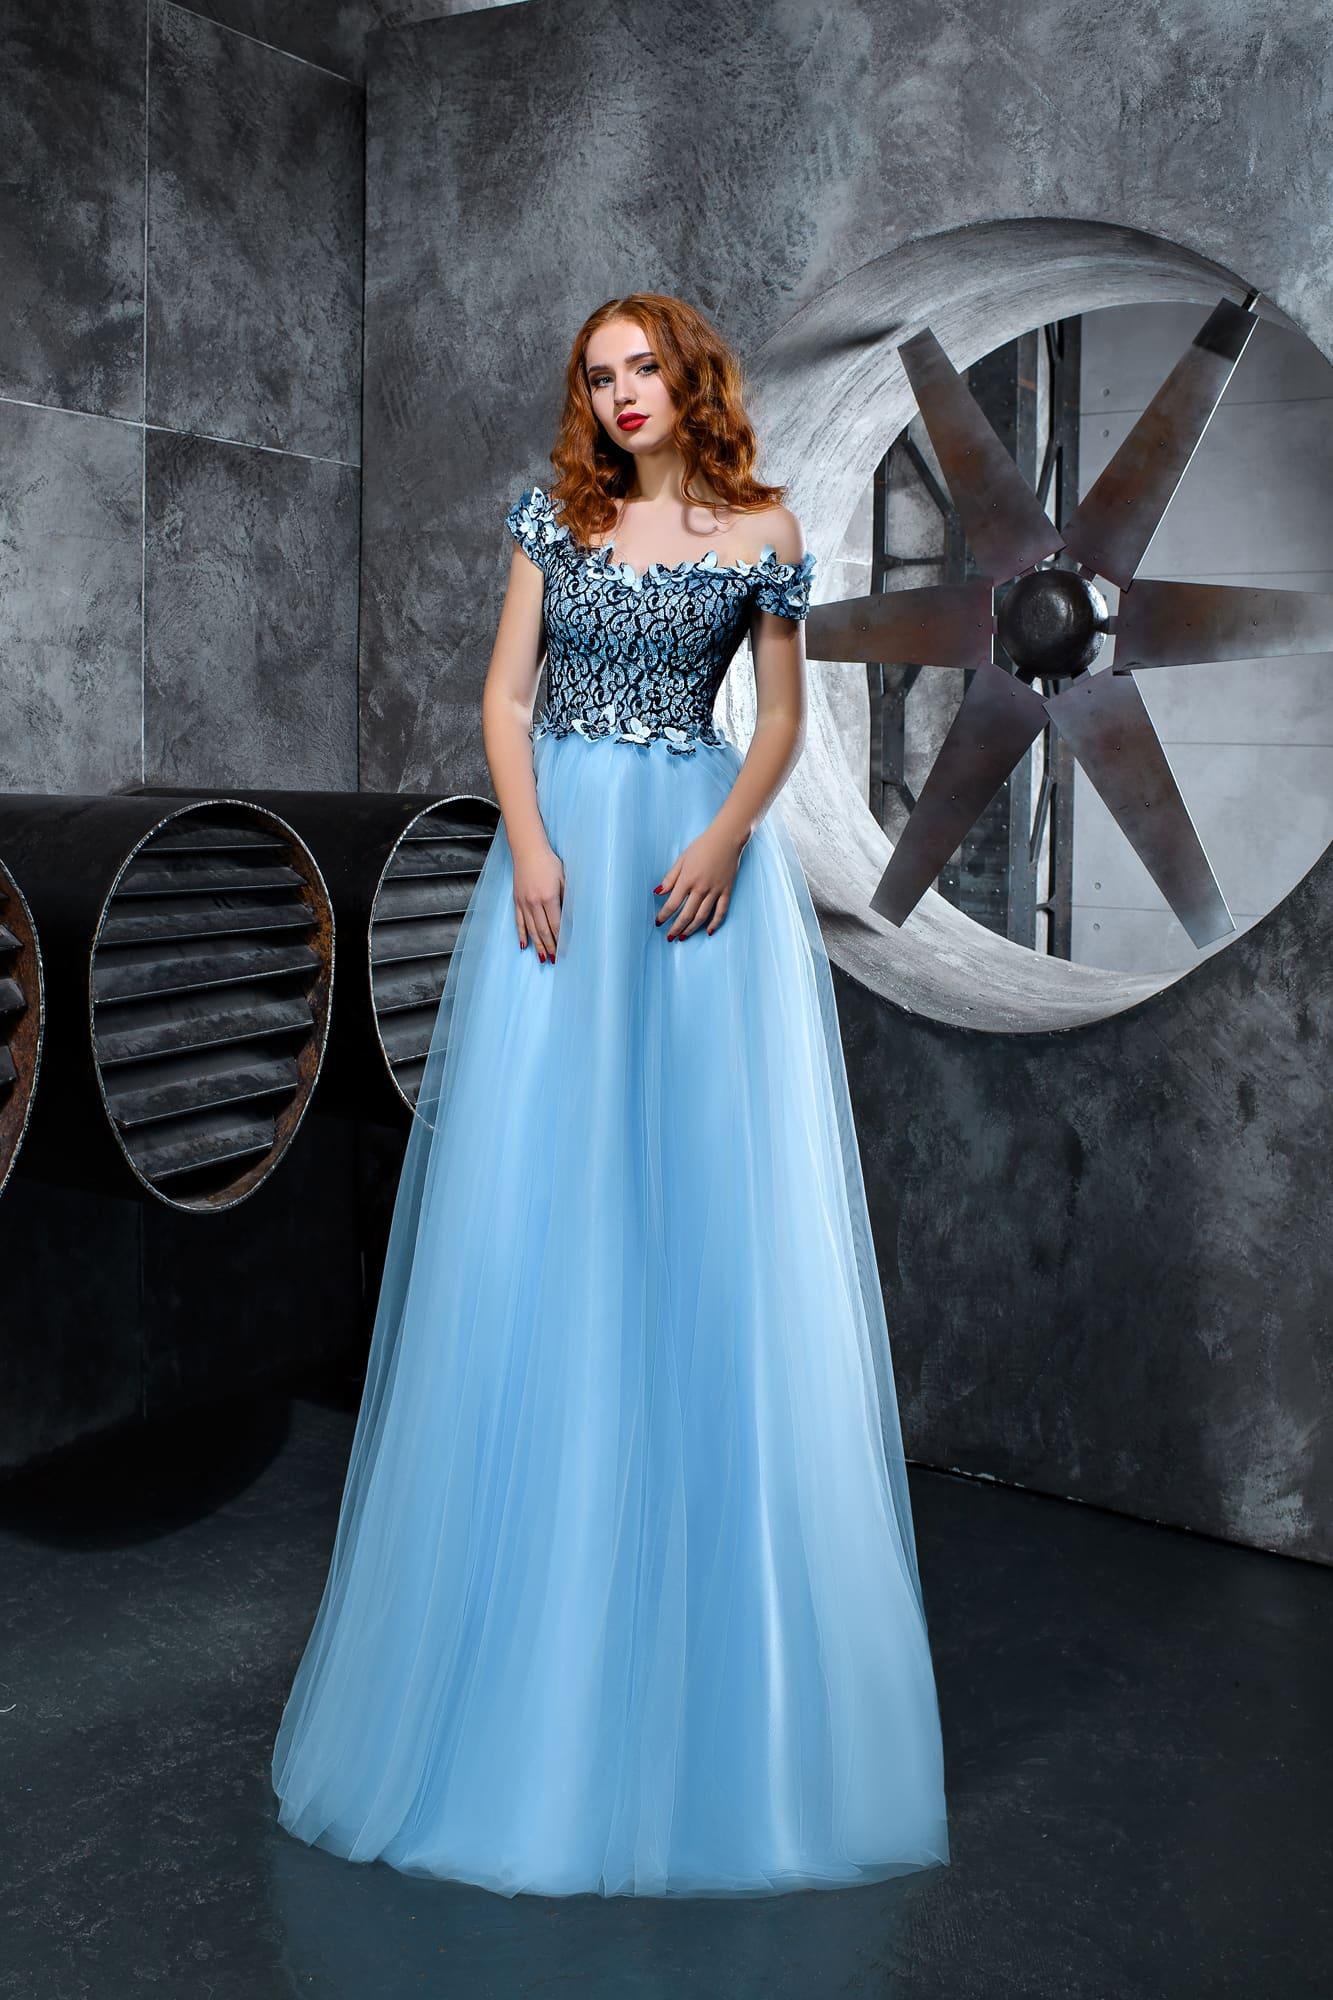 d183f49305ed Голубое выпускное платье Kira Nova Диана ▷ Свадебный Торговый Центр ...